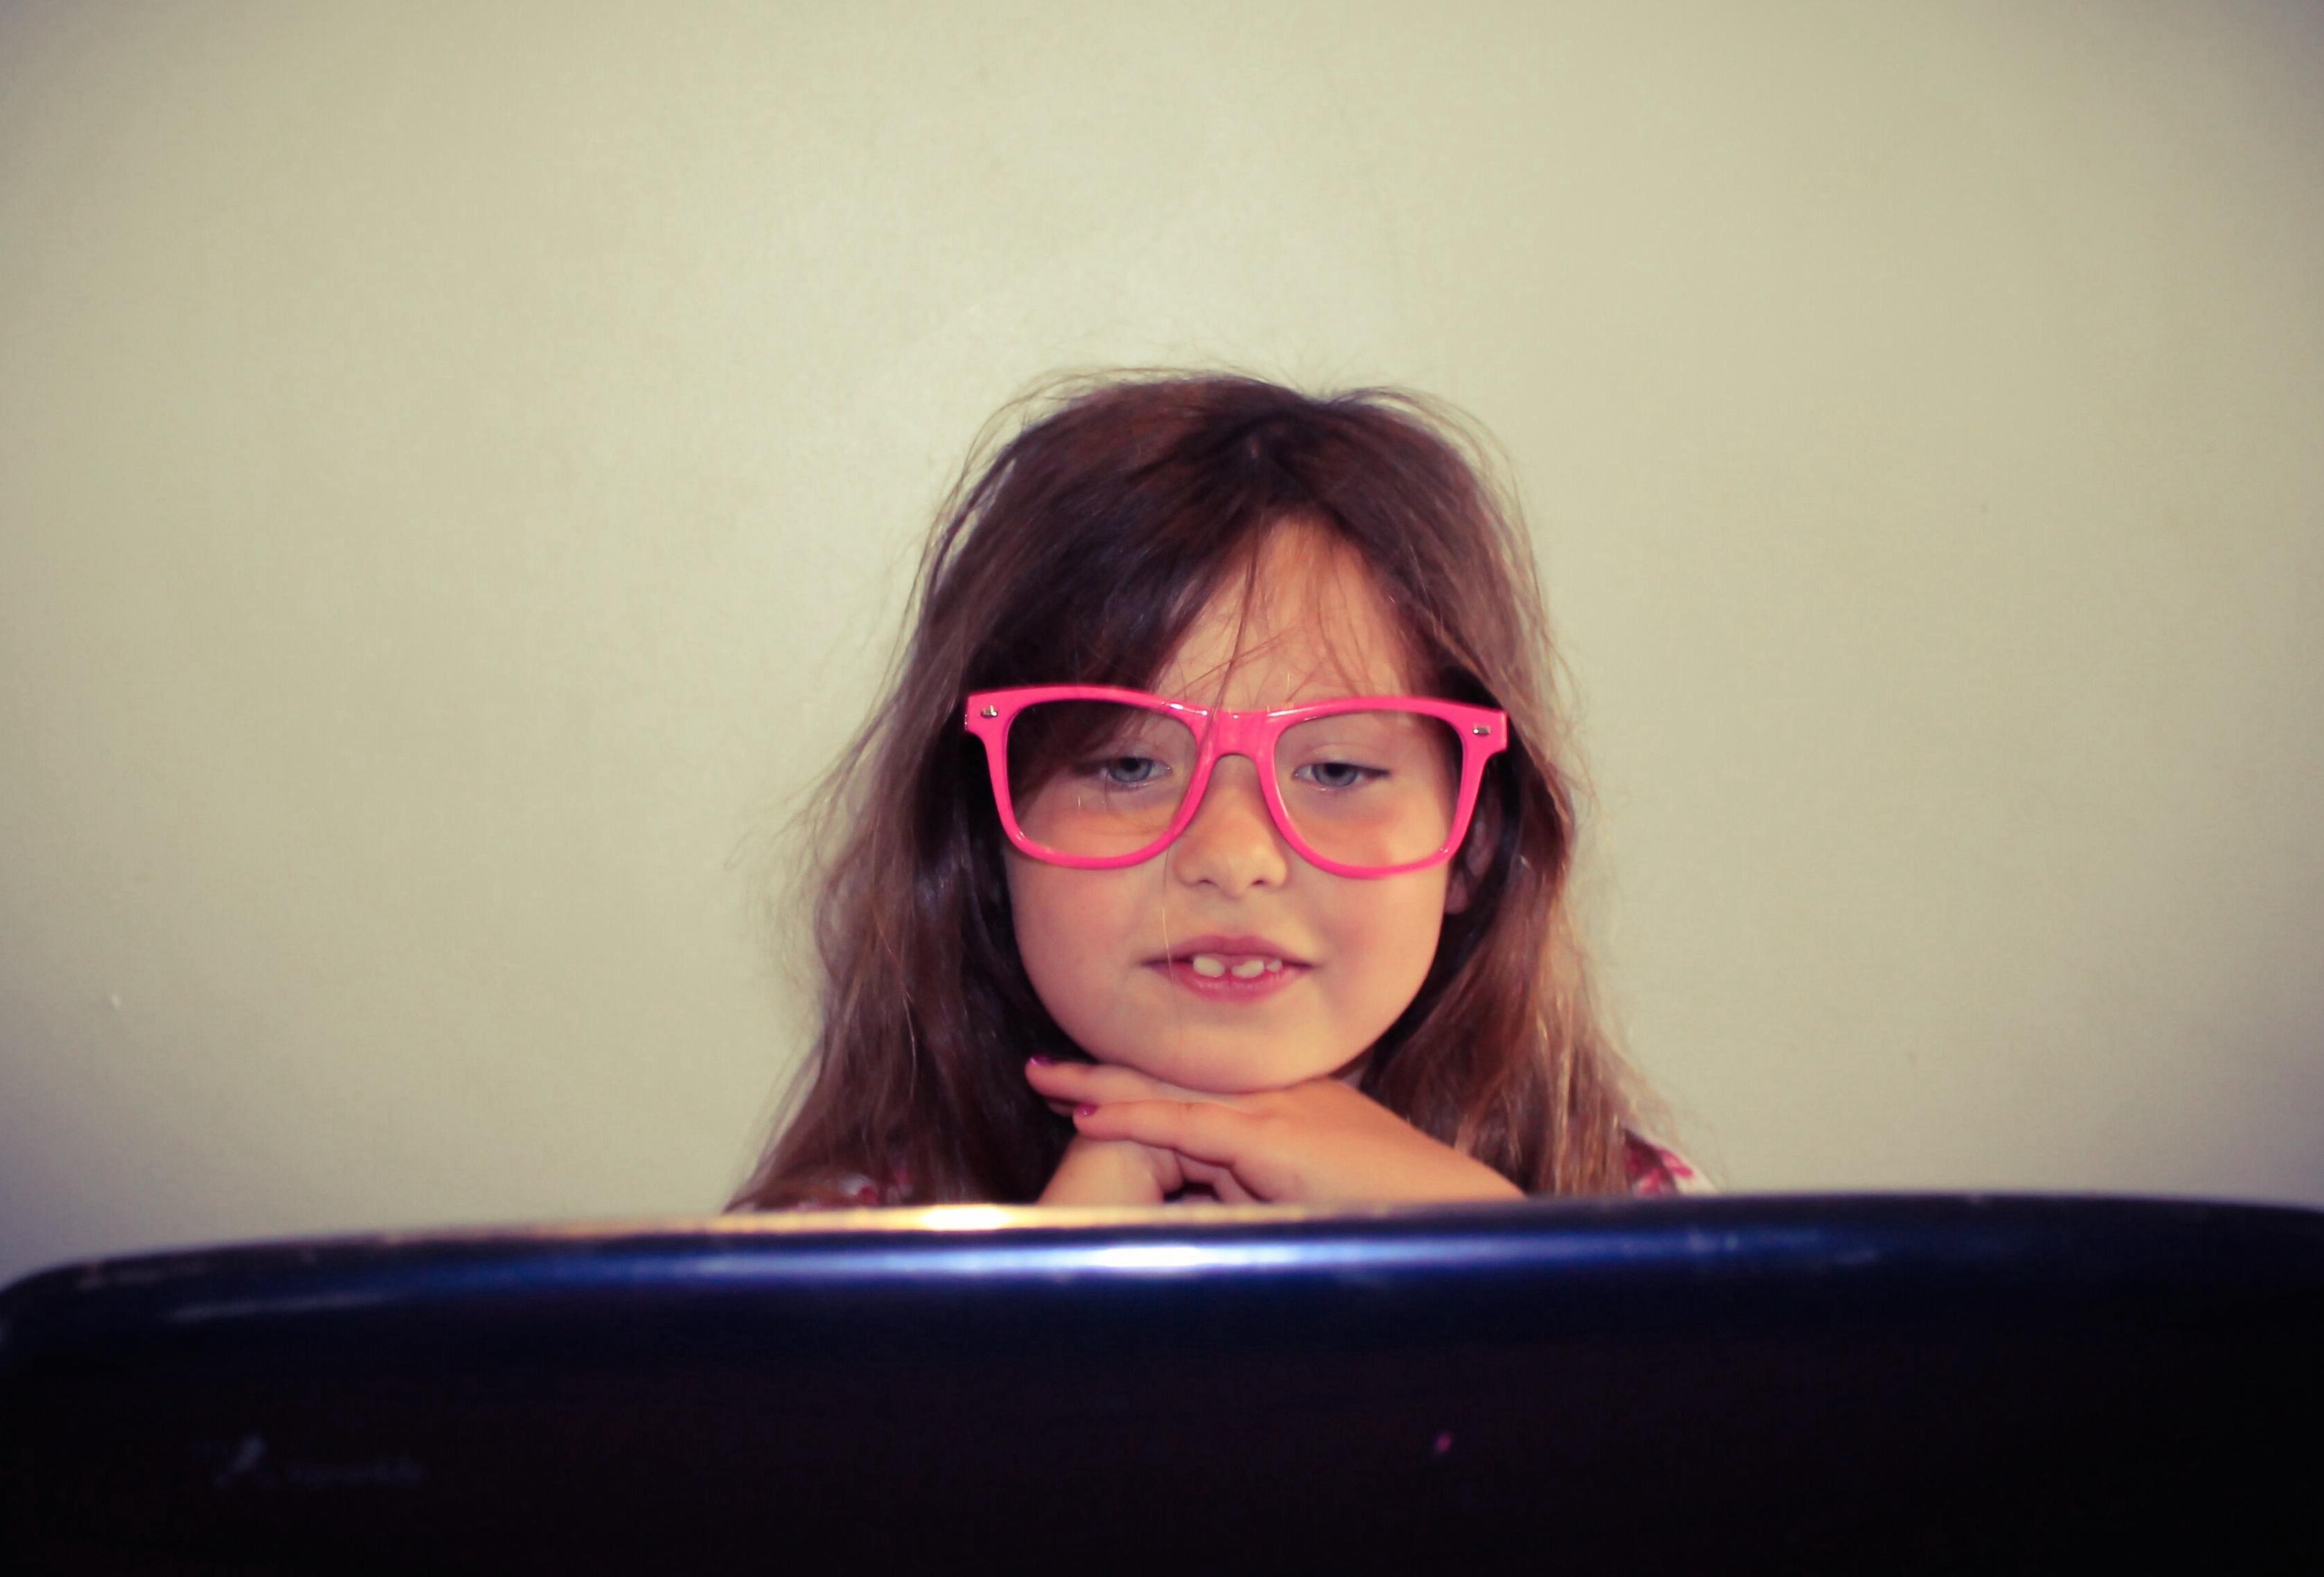 Foap-Child_working_on_a_laptop